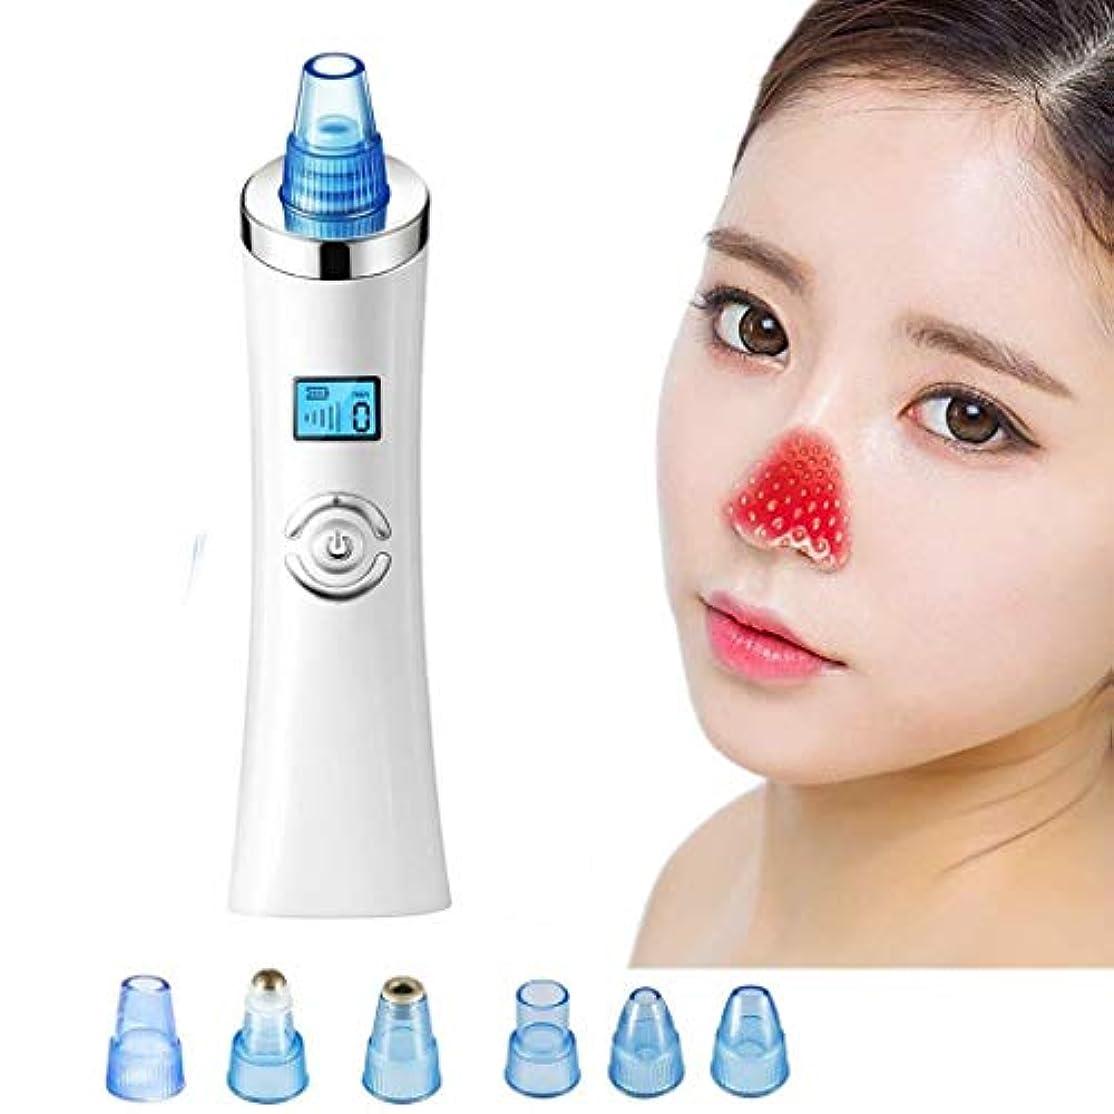 失態叱る液体にきび除去剤、毛穴クレンザー掃除機電気顔にきび除去剤抽出ツール6交換可能なヘッド充電式にきび除去